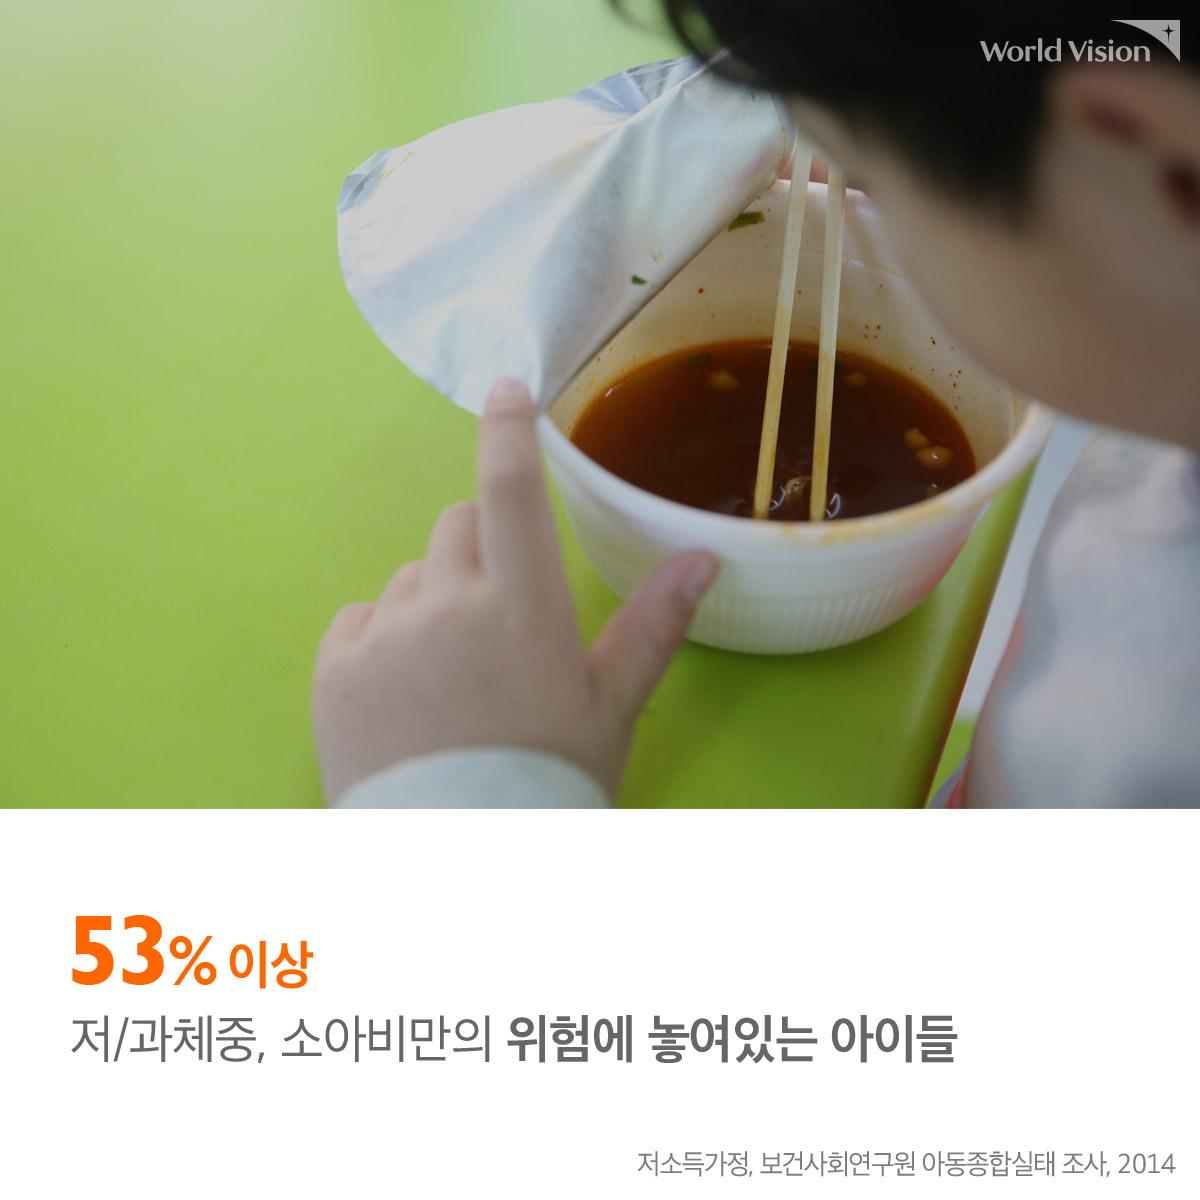 53% 이상 저/과체중, 소아비만의 위험에 놓여있는 아이들 (저소득가정, 보건사회연구원 아동종합실태 조사, 2014)